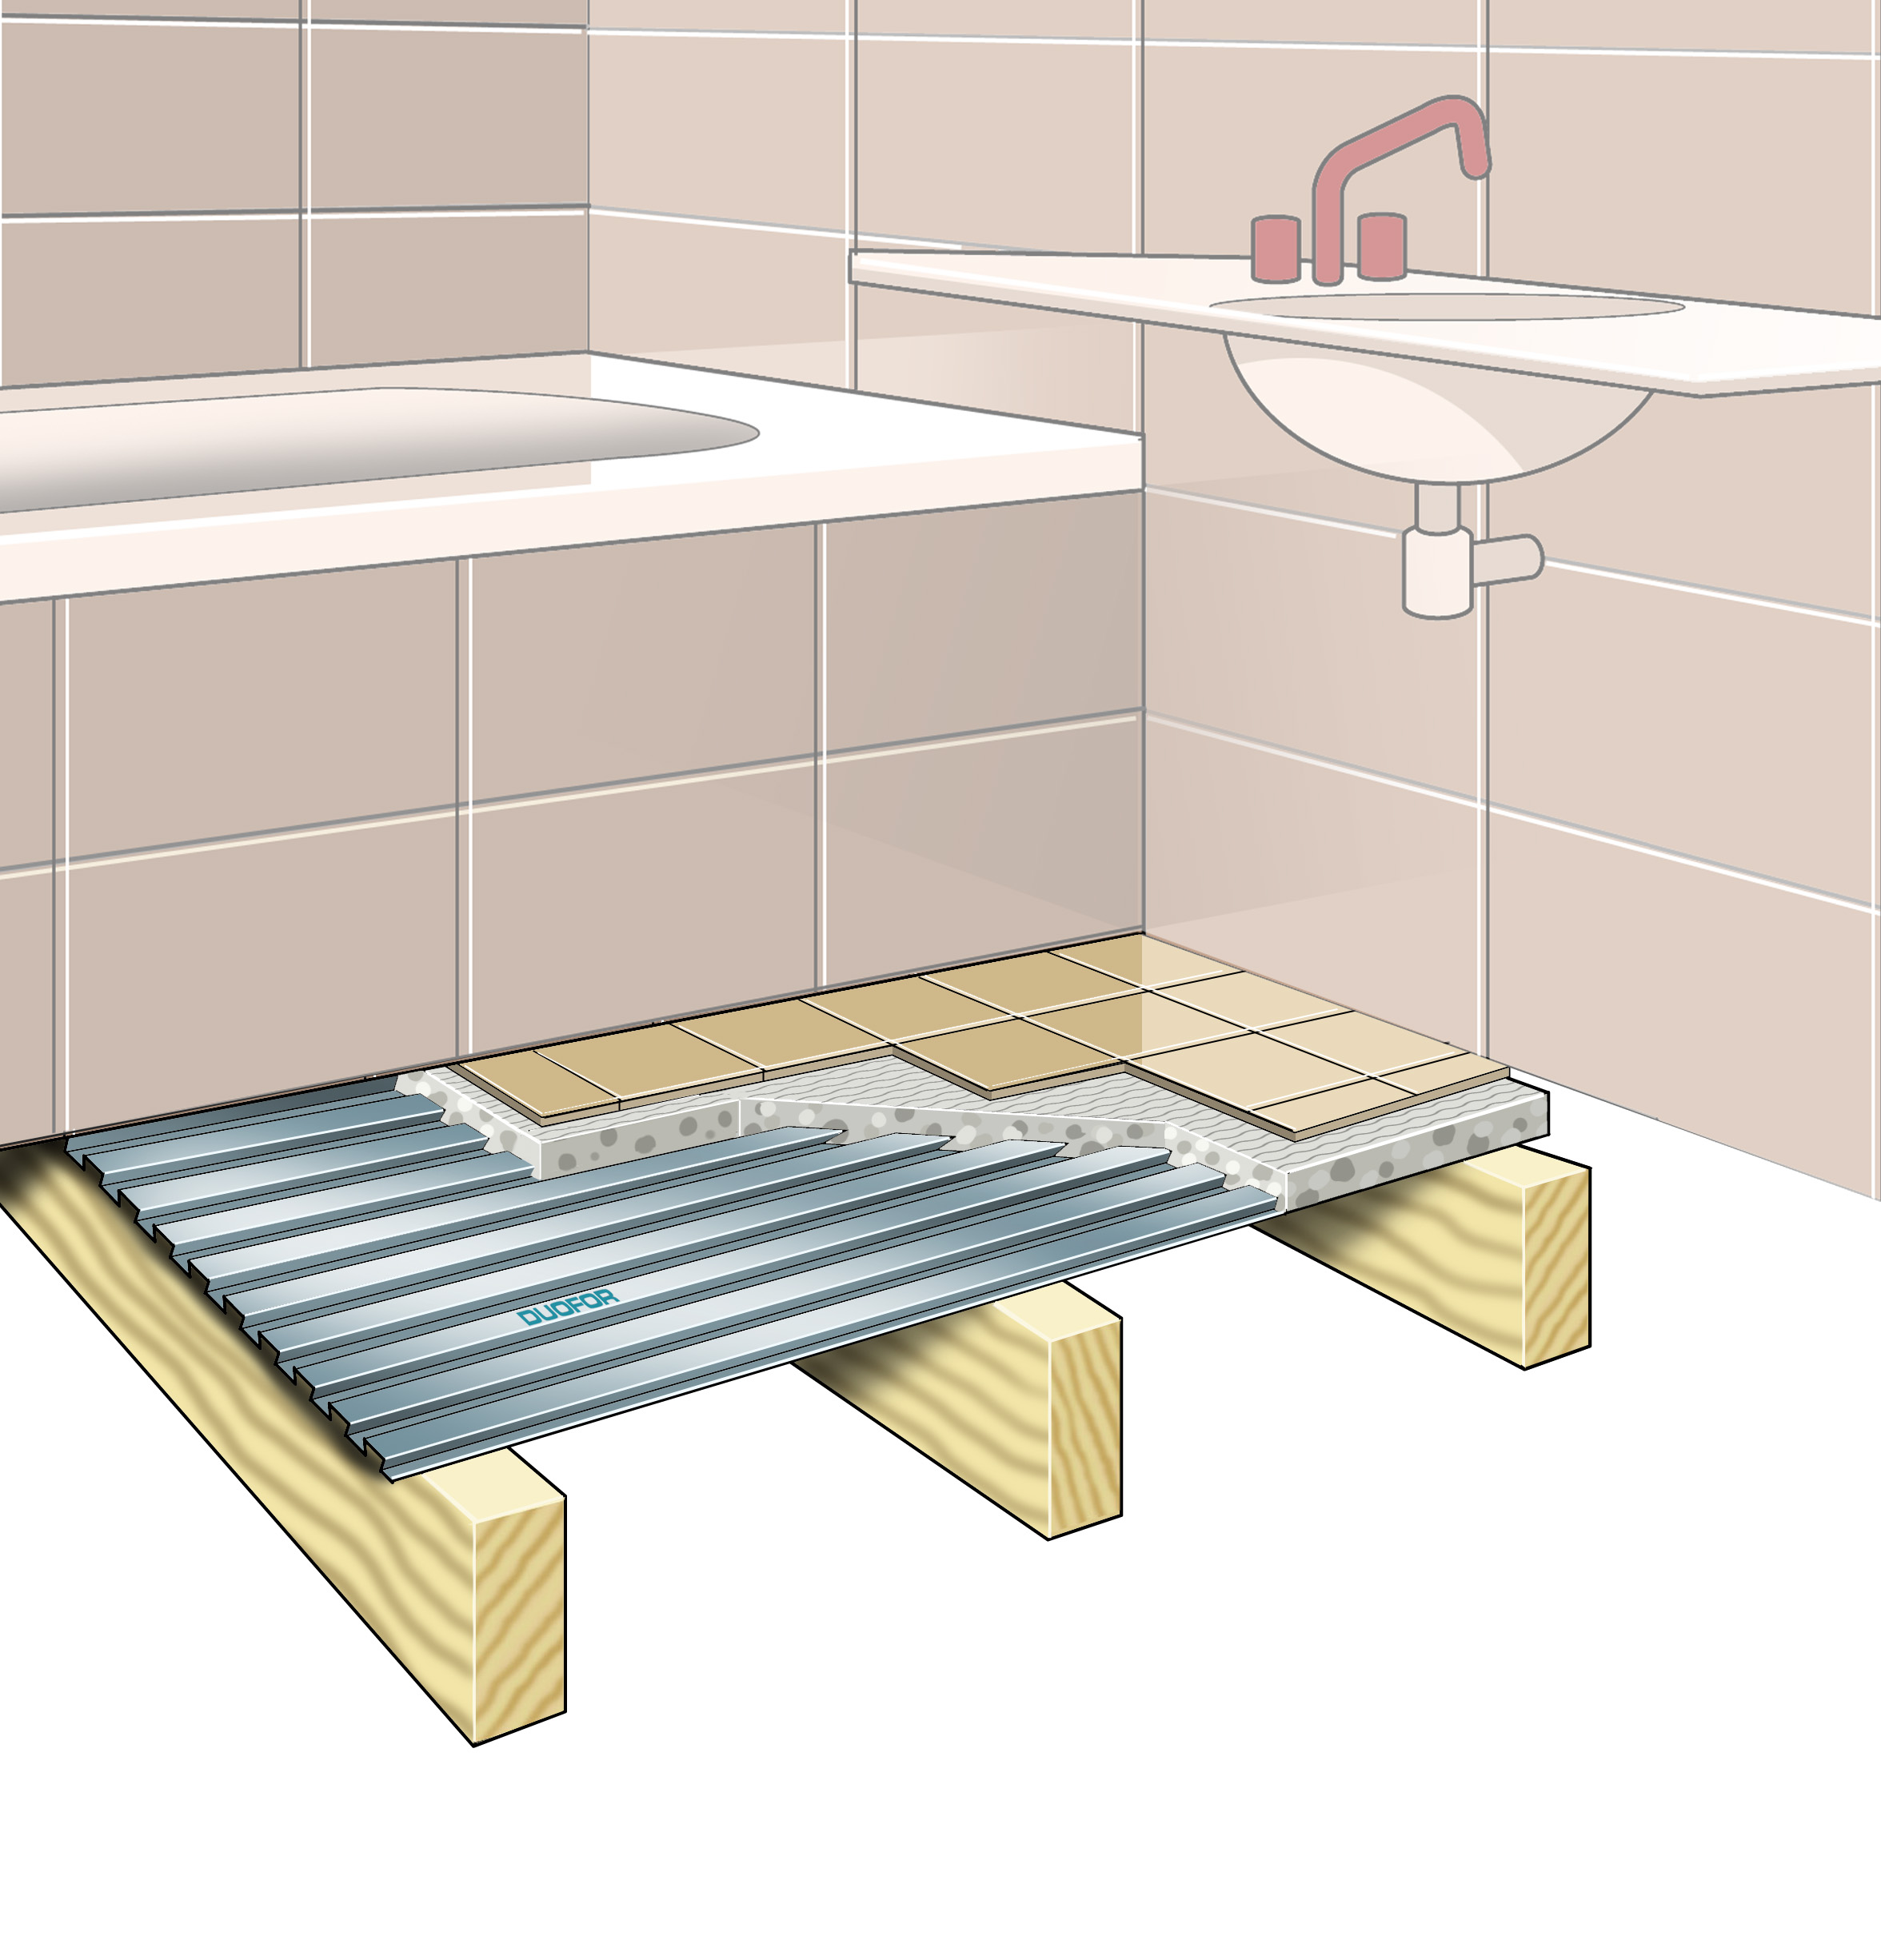 Tegelvloer op hout | Duofor ondergrond tegelvloer